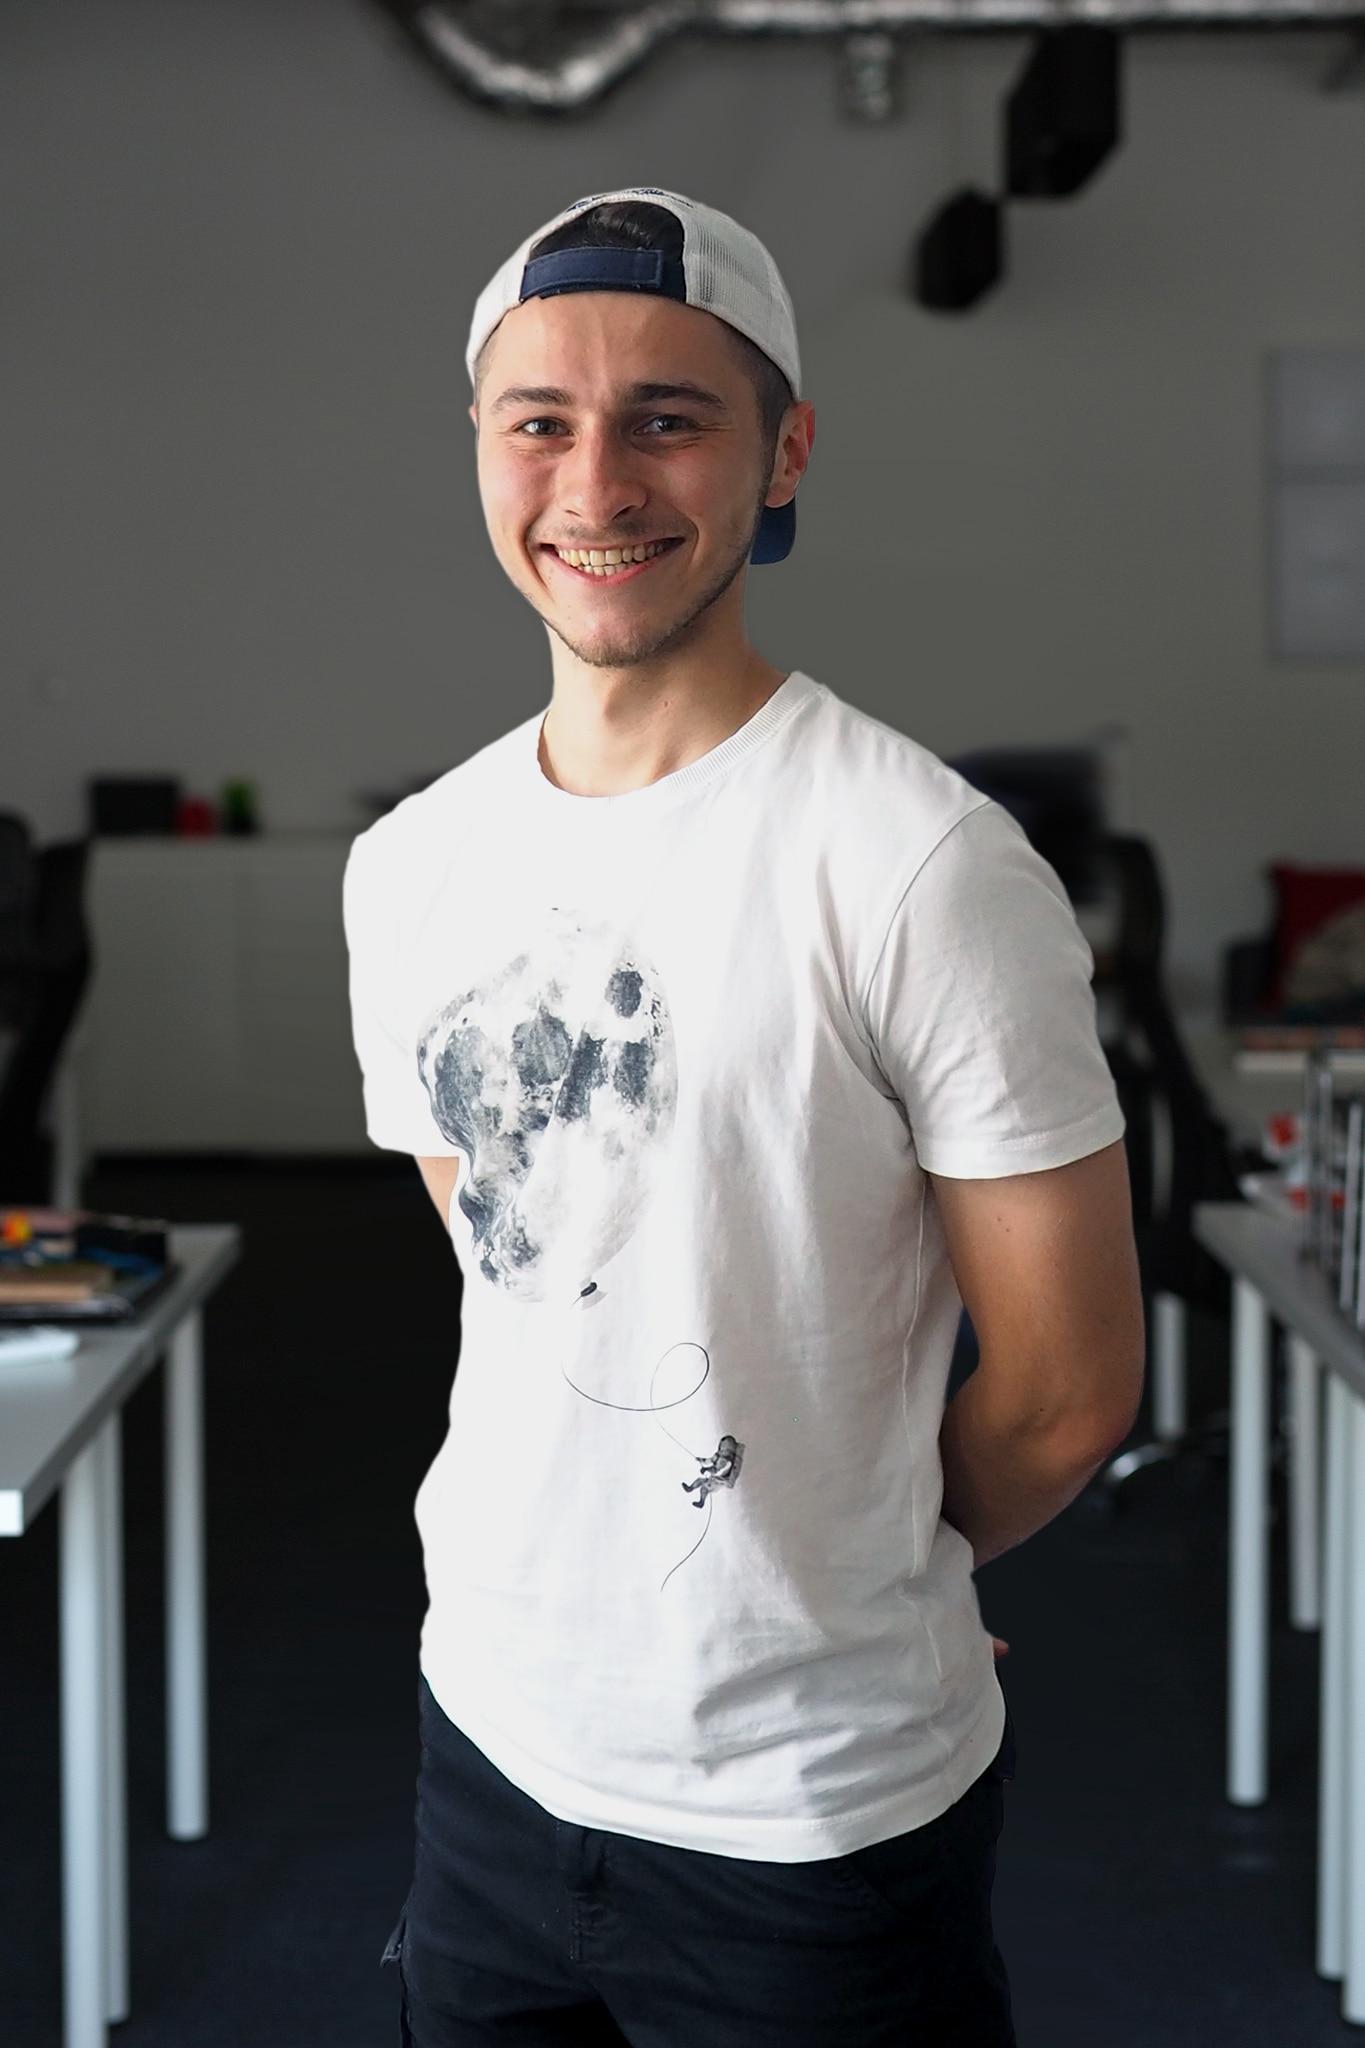 Zdjęcie profilowe specjalisty ds. marketingu w biurze Humeo w Krakowie - Jakub Udziela